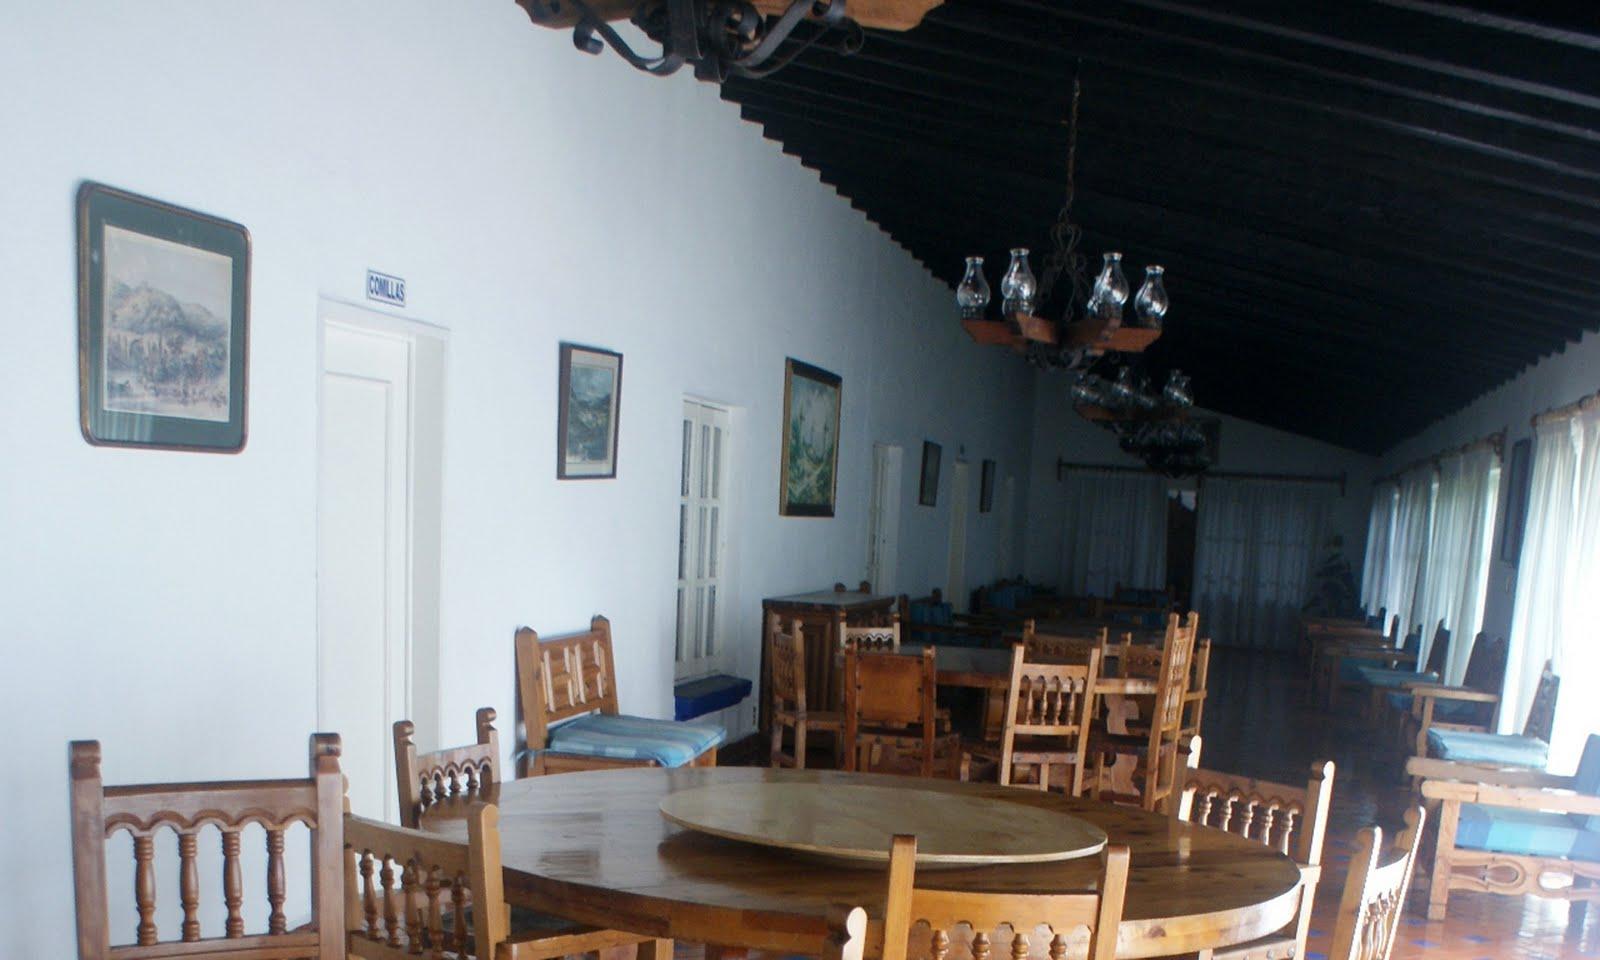 Arquitectura de interiores semana 39 en el rancho el dorado for Arquitectura de interiores